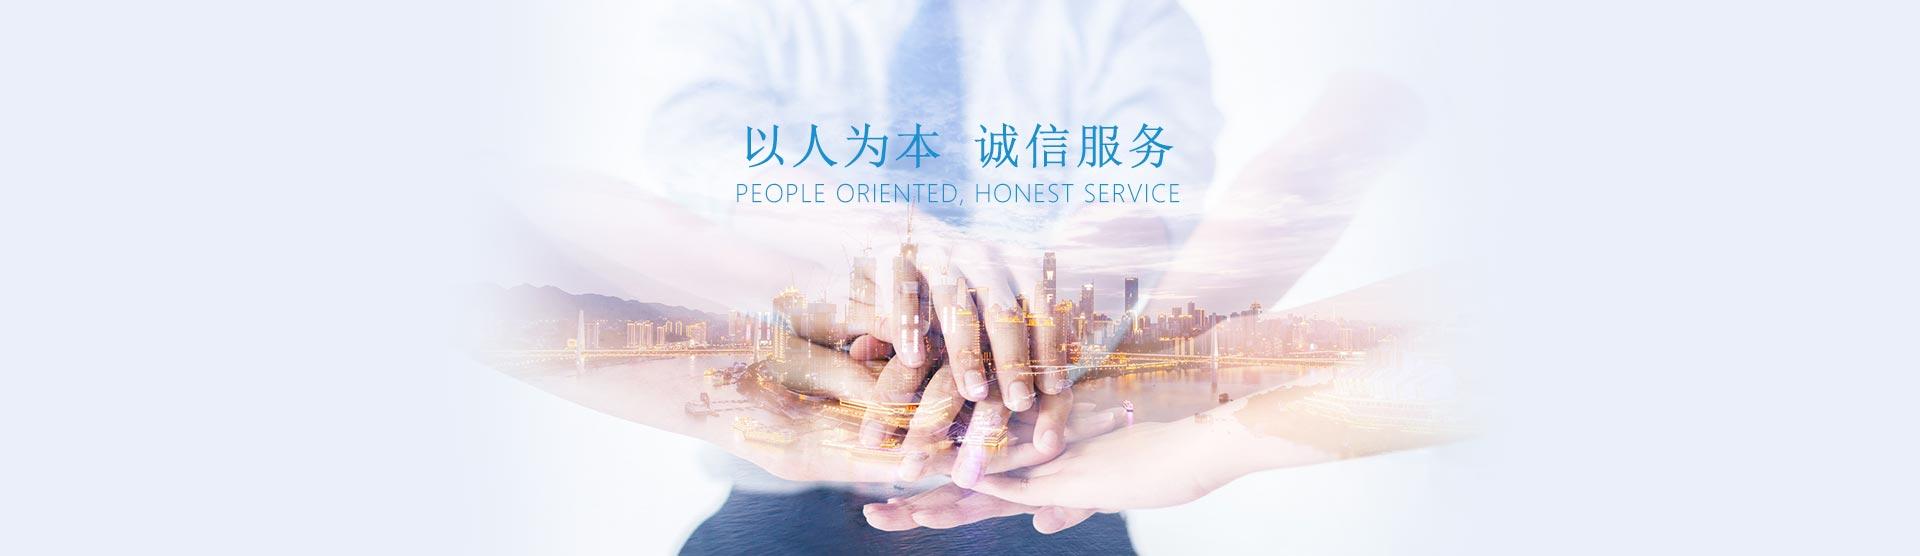 湖南千赢国际老虎机-千亿国际qy8-qy8千赢国际娱乐科技有限公司